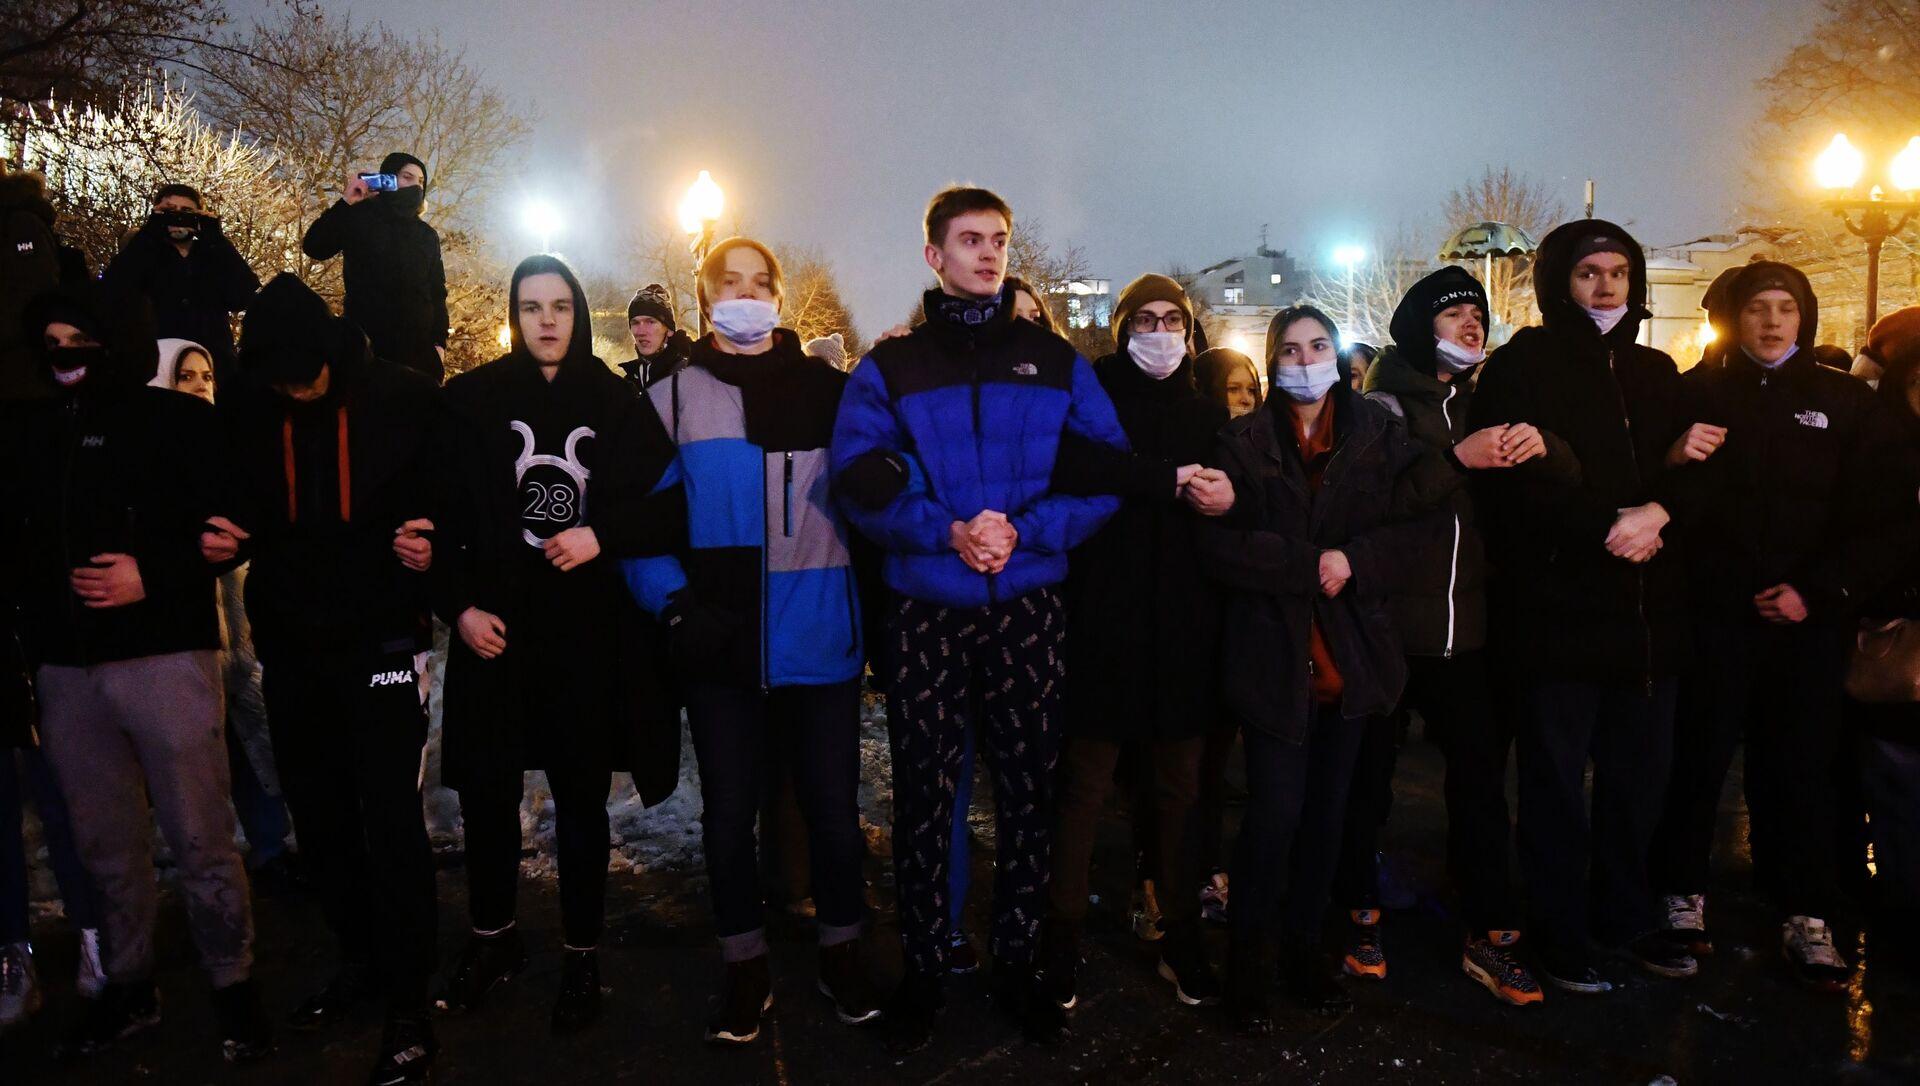 Partecipanti alle proteste non autorizzate a sostegno di Navalny - Sputnik Italia, 1920, 05.02.2021